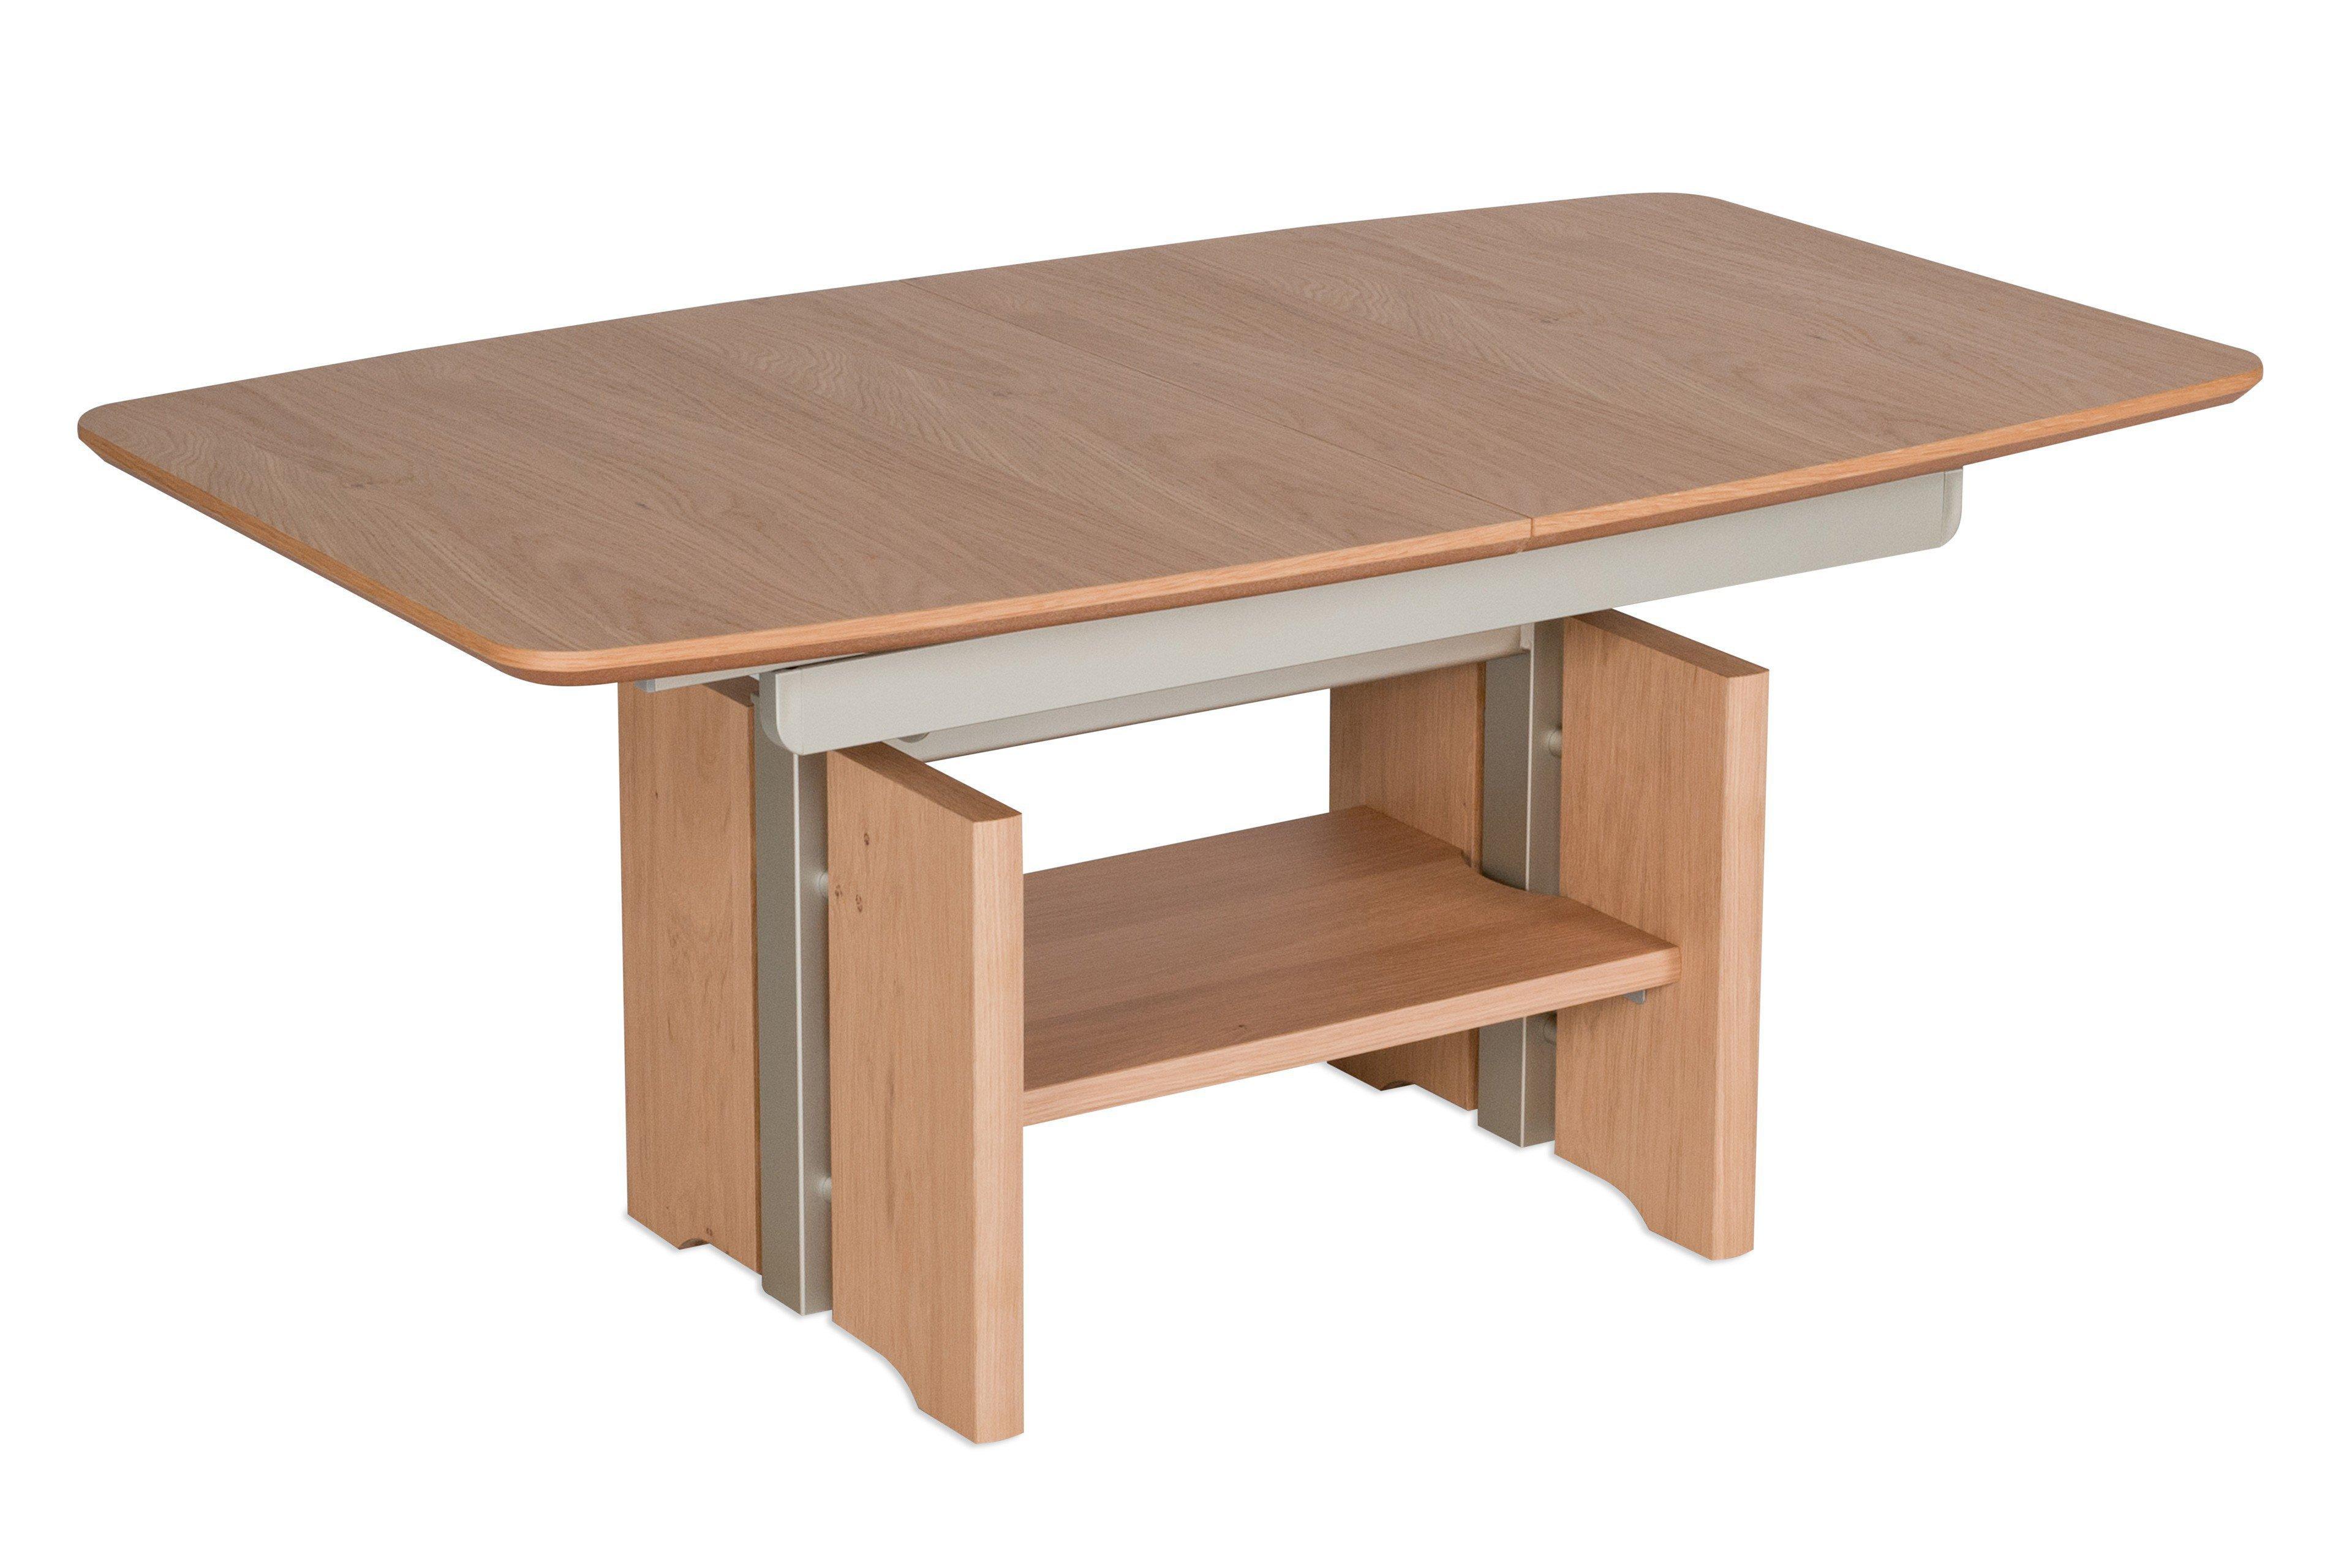 vierhaus couchtisch 2324 ebi wildeiche bianco m bel letz ihr online shop. Black Bedroom Furniture Sets. Home Design Ideas